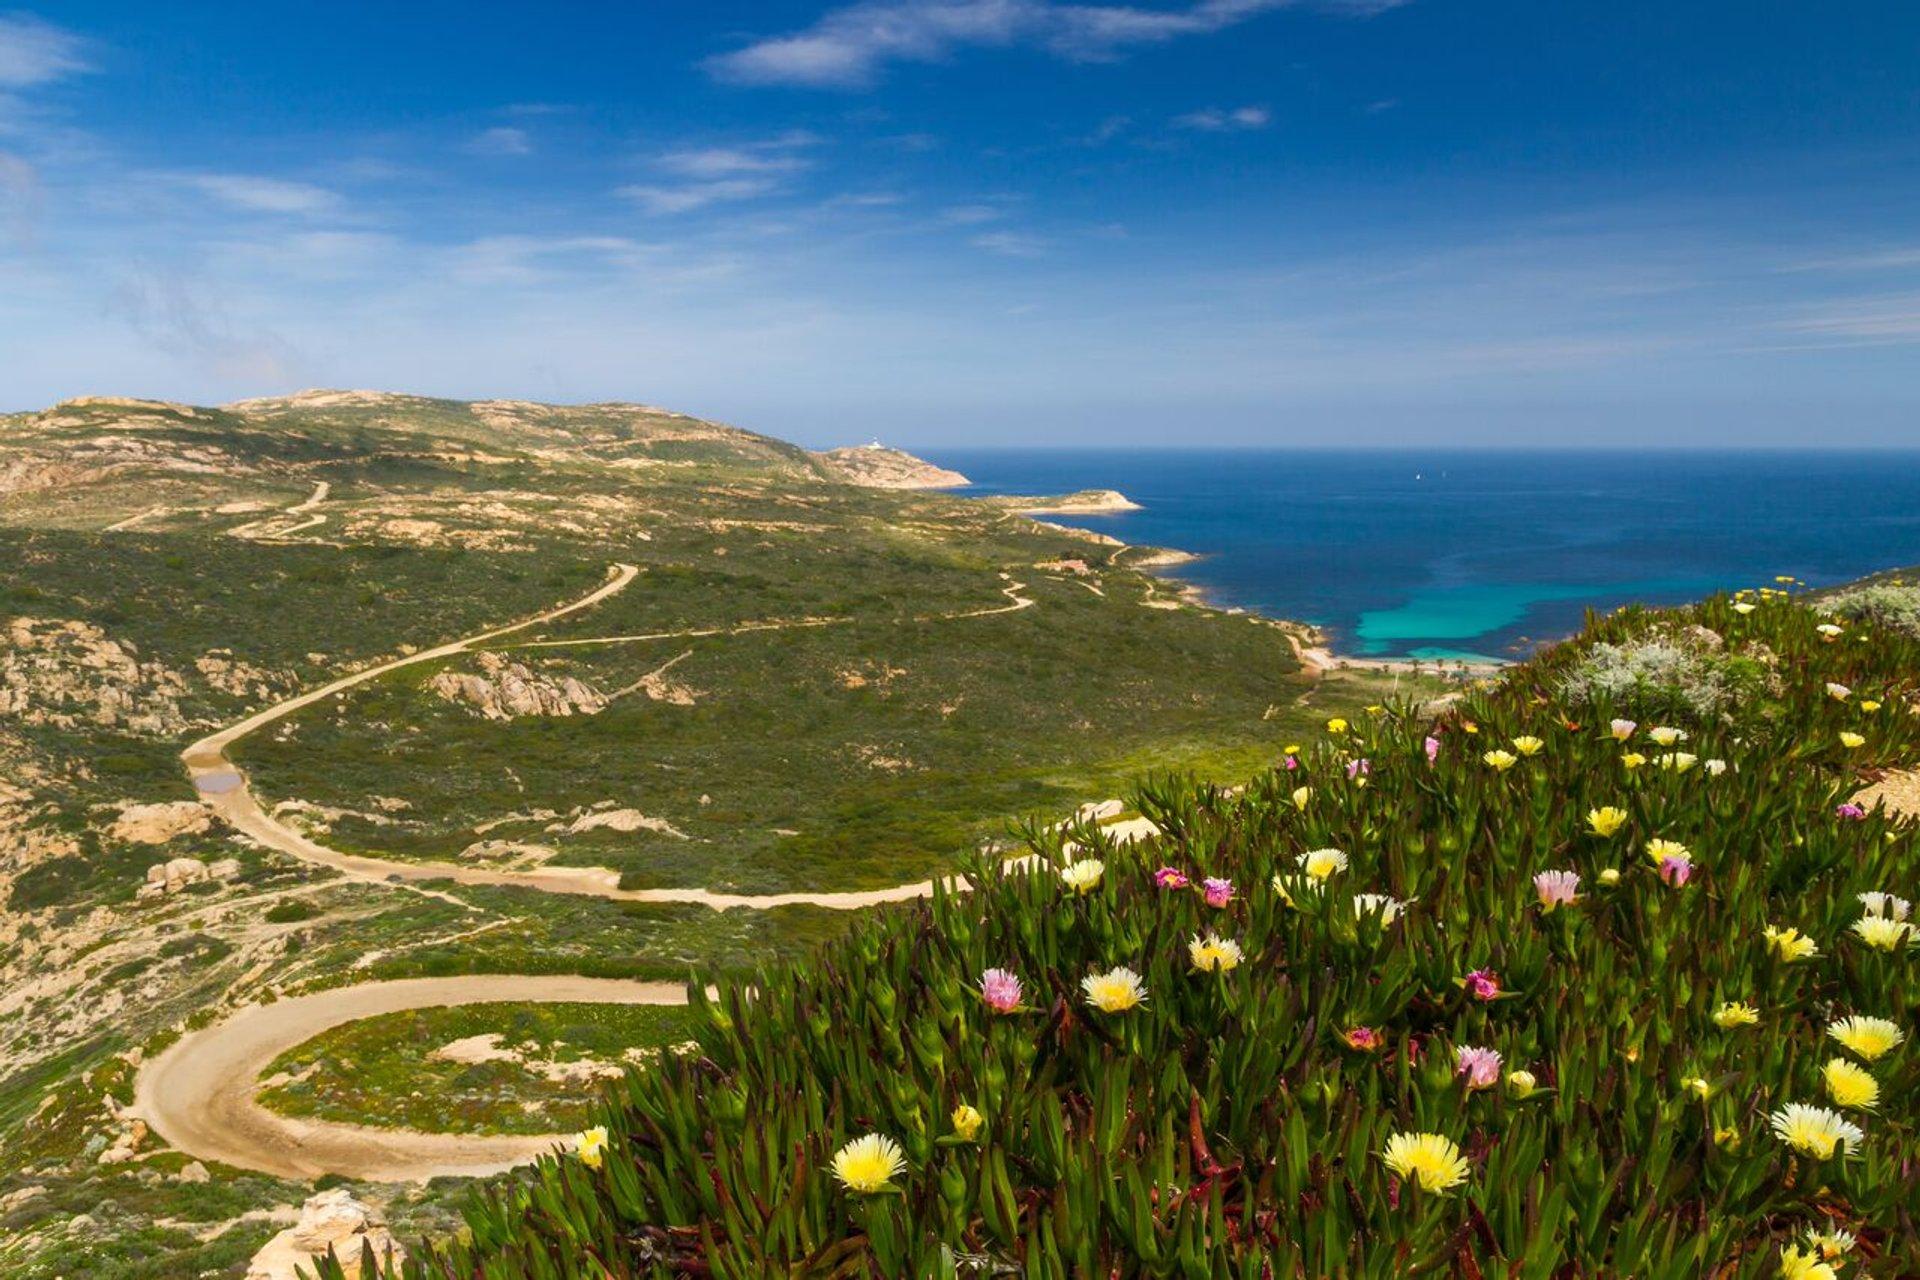 Wildflowers in Bloom in Corsica - Best Season 2020